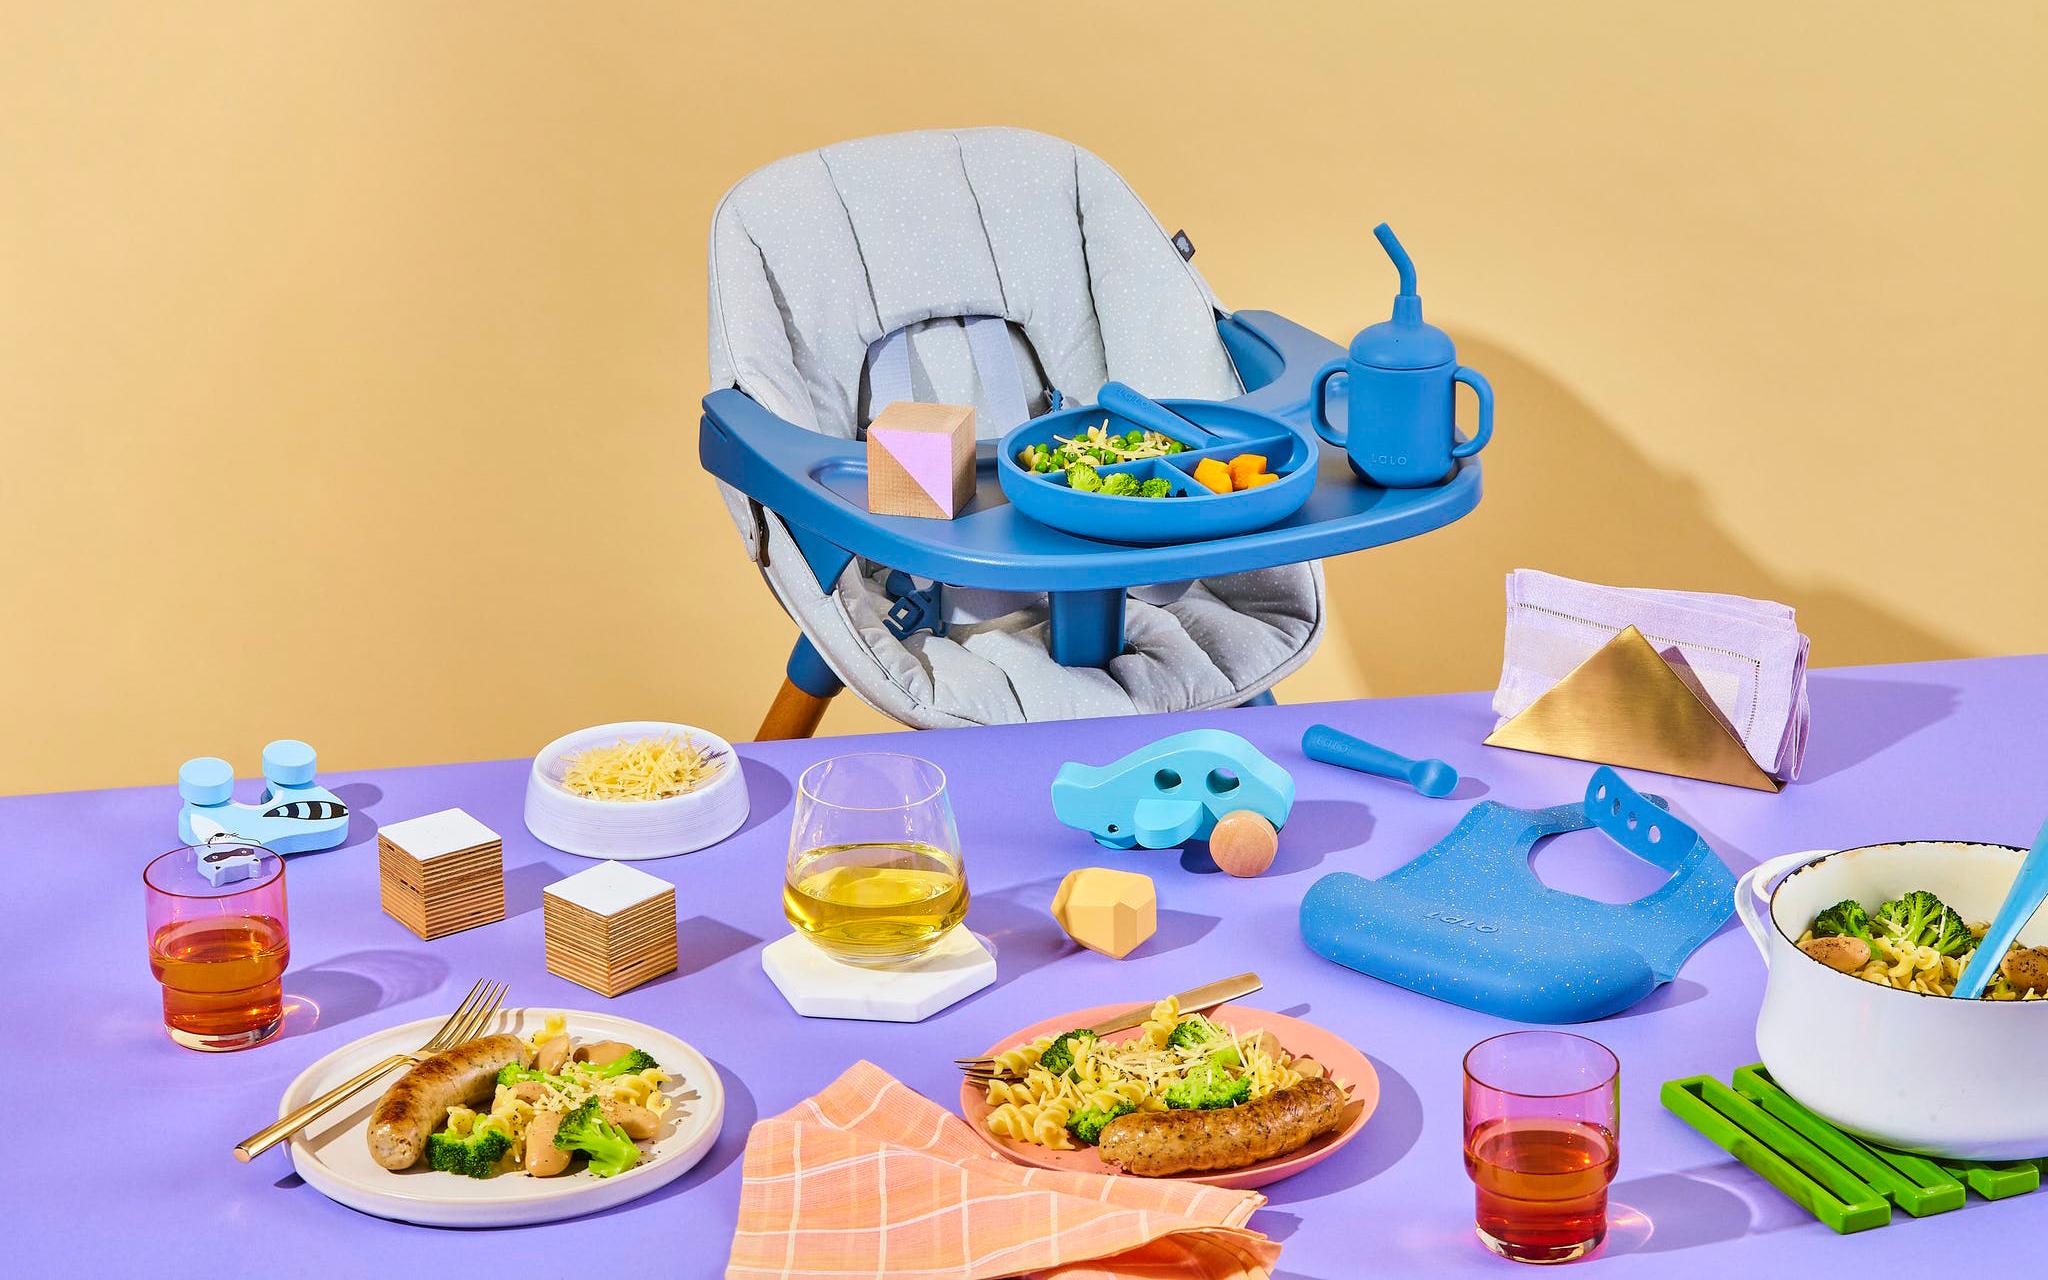 婴童品牌 Lalo 获 560 万美元种子轮融资